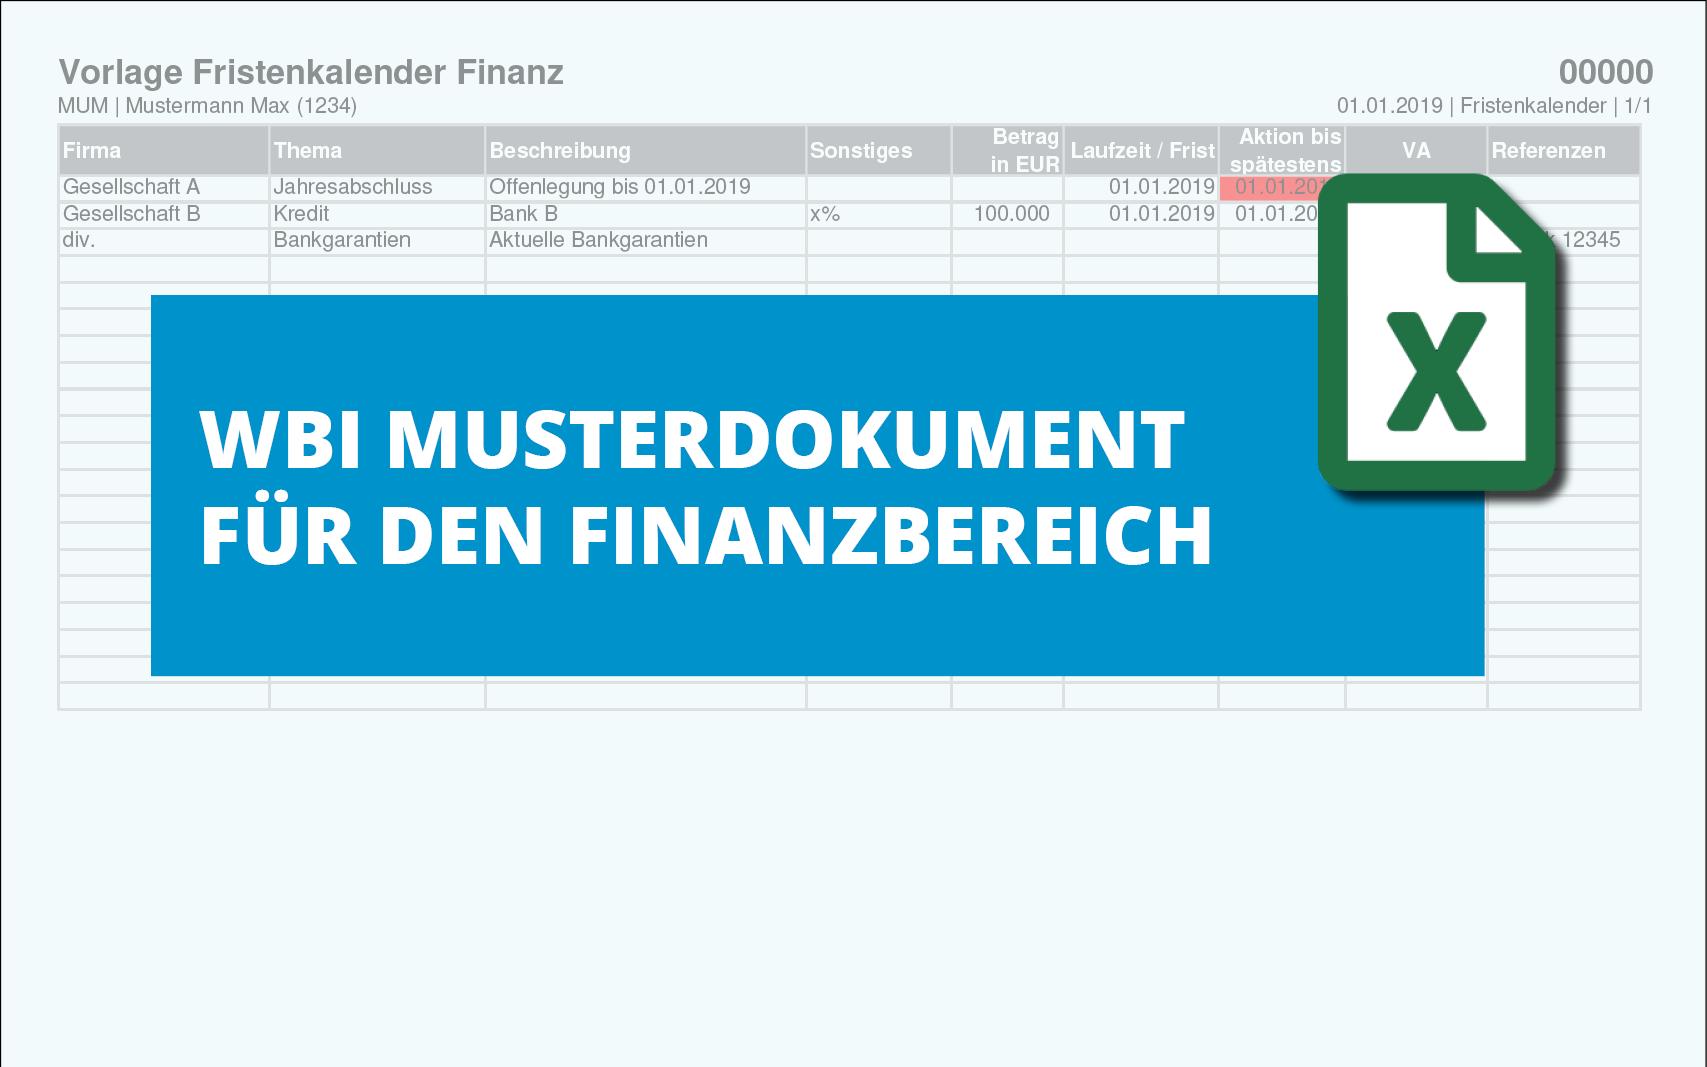 vorlage-fristenkalender-finanz